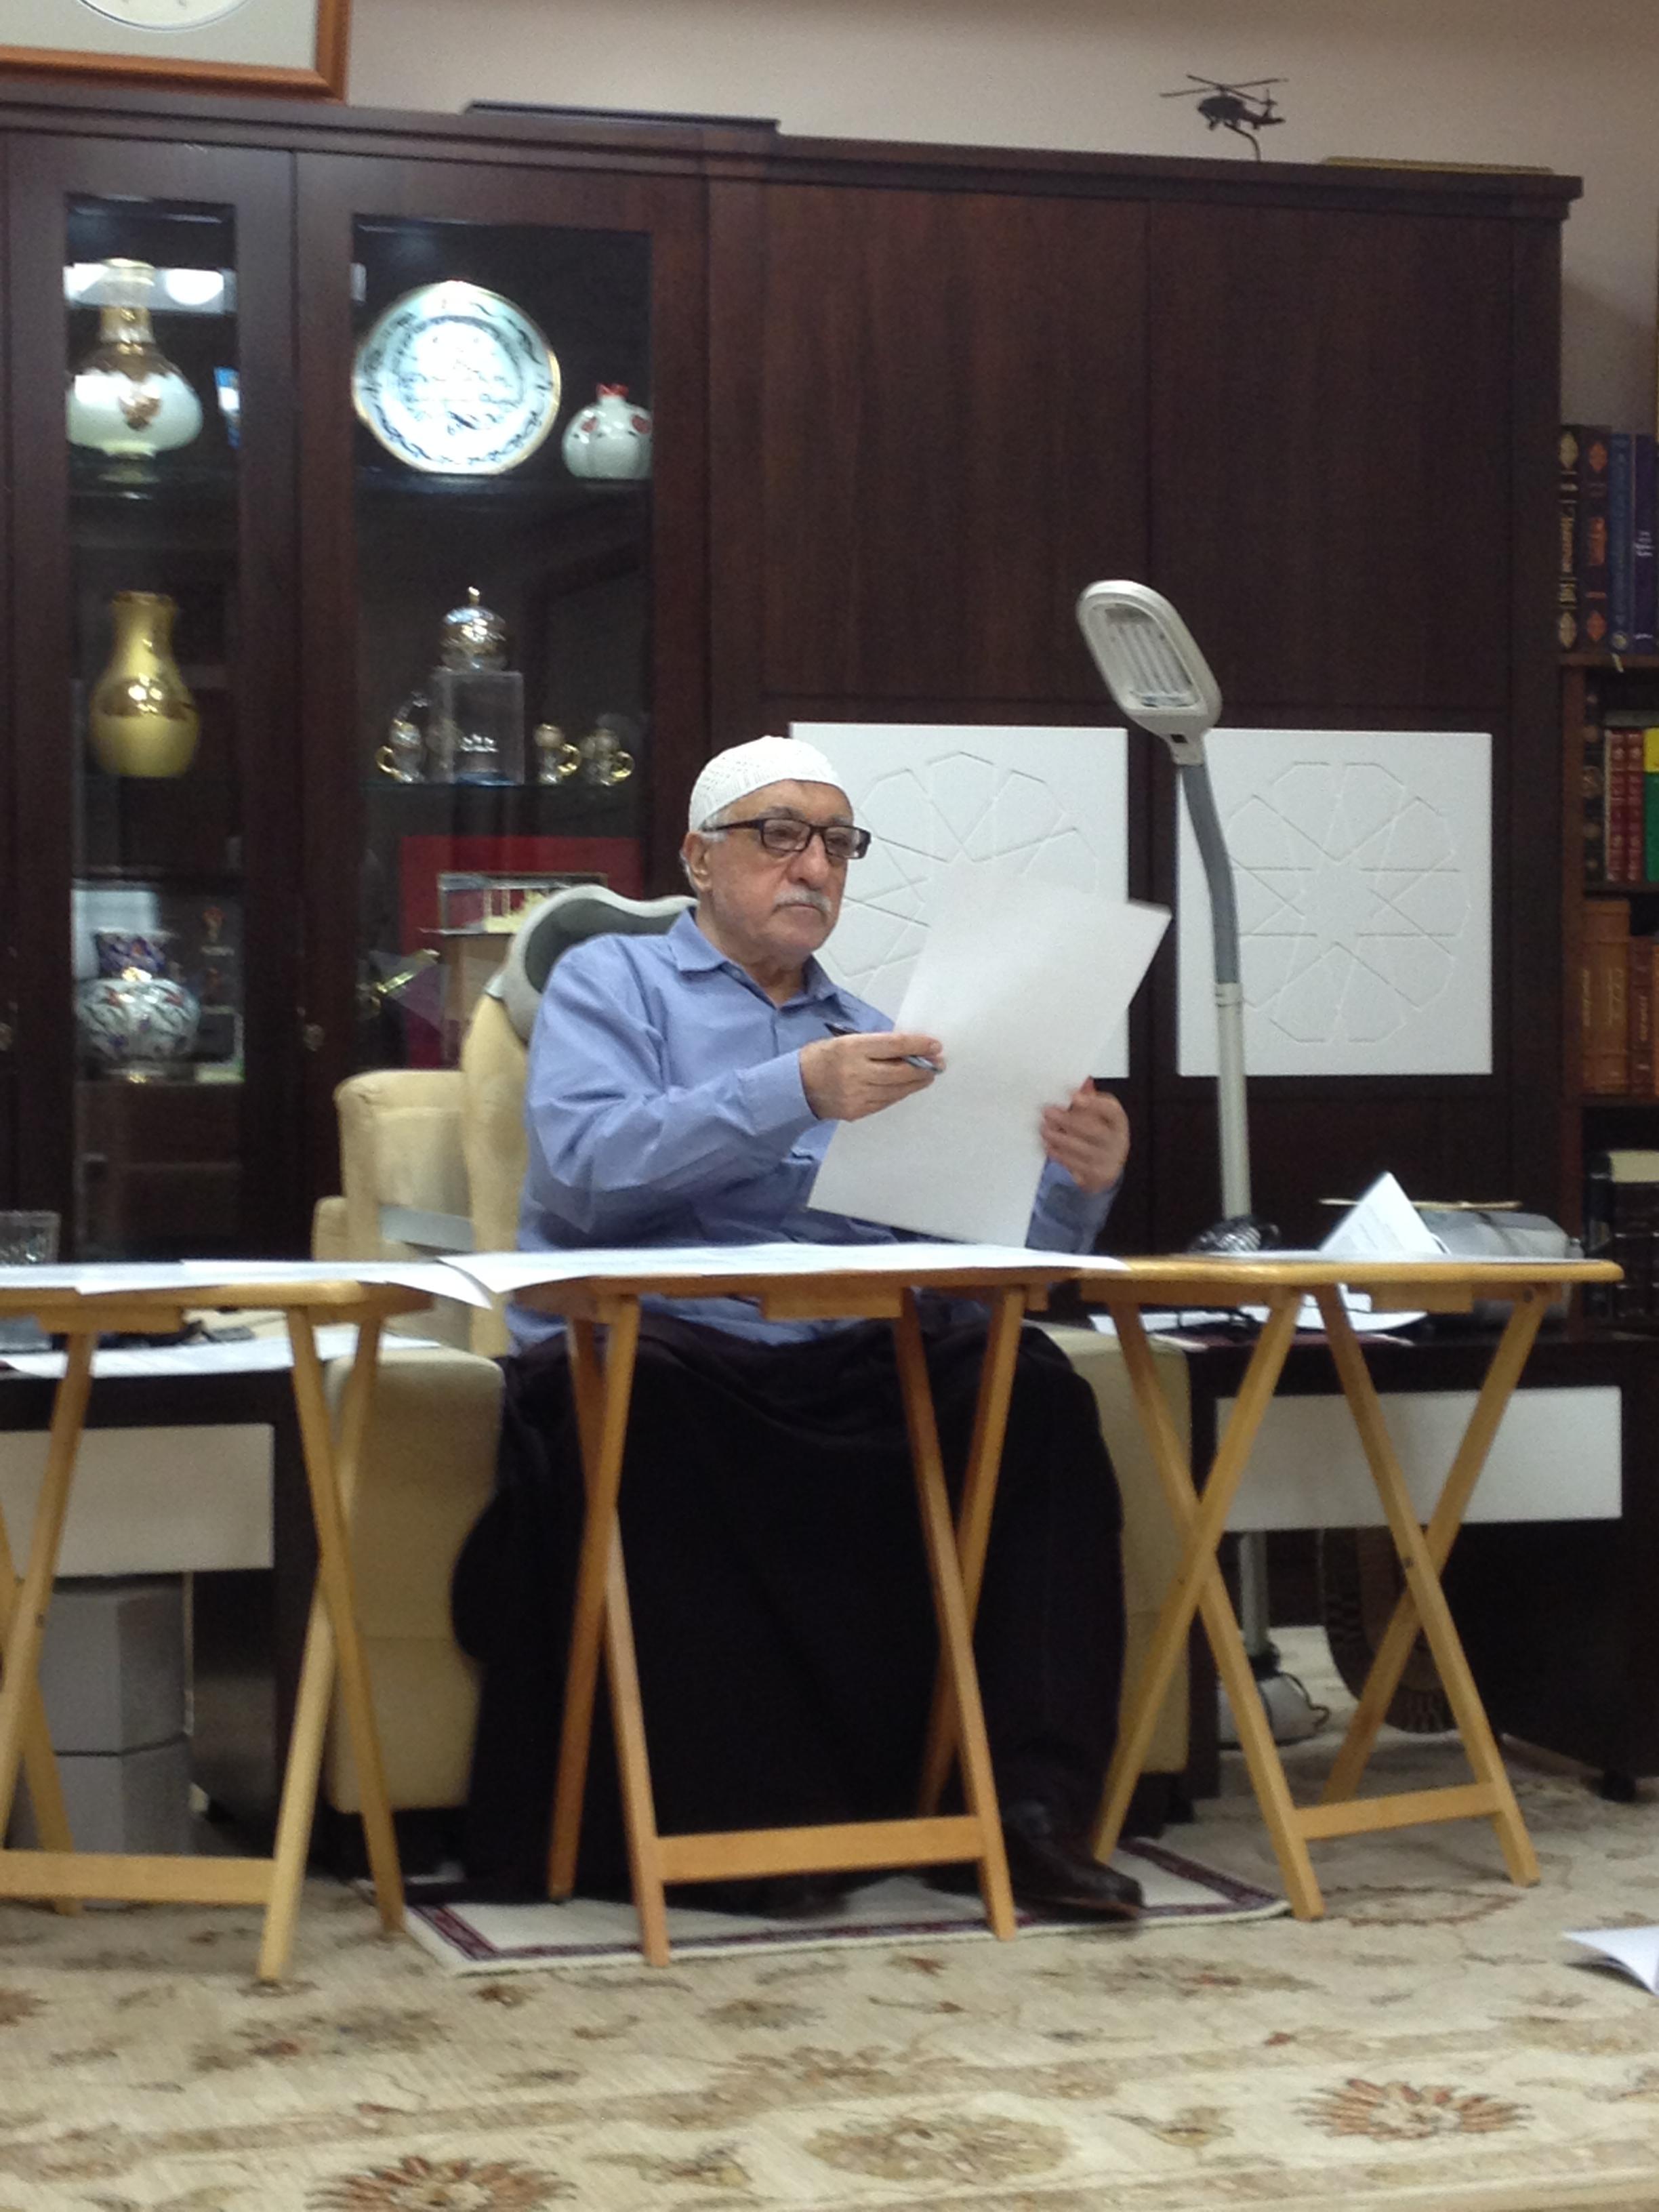 Muhterem Fethullah Gülen Hocaefendi, Yeni Ümit ve Hira dergilerinin gelecek sayılarının mizanpajlarıyla meşgul olurken